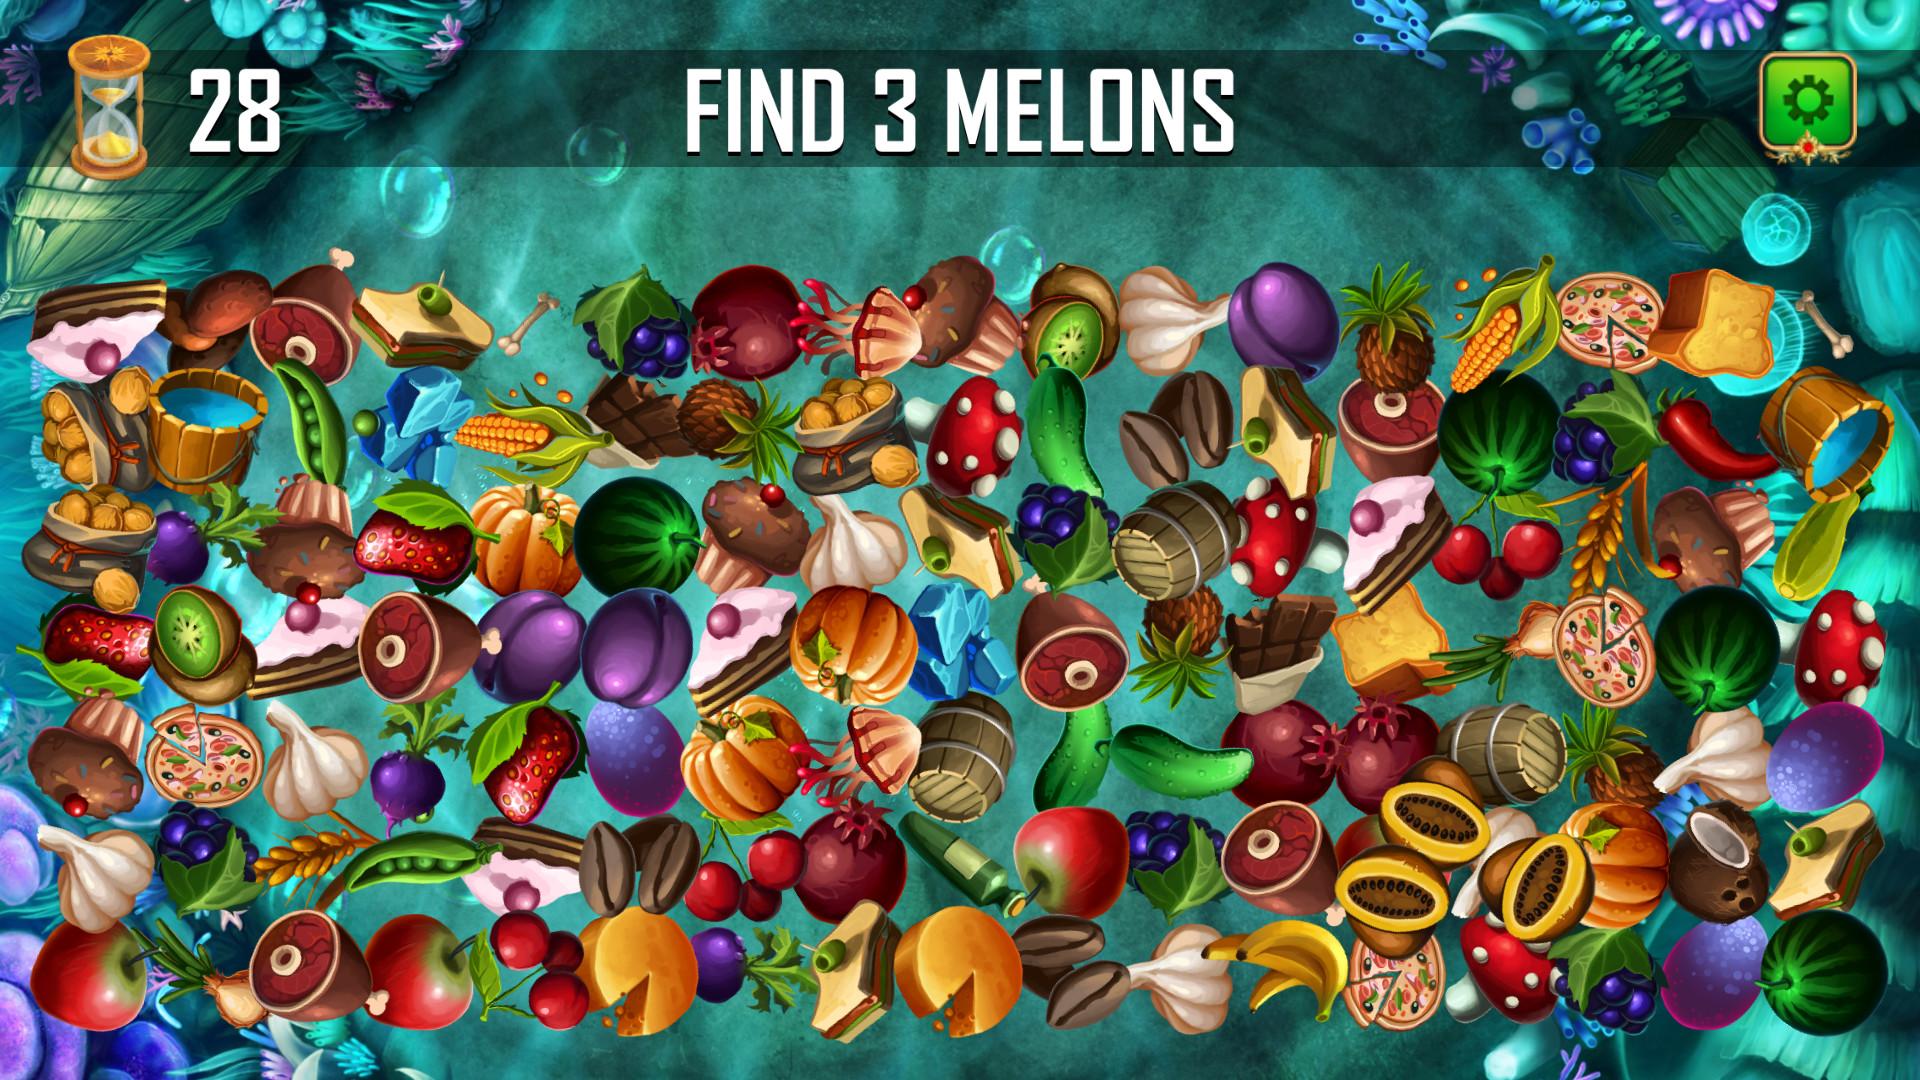 com.steam.713590-screenshot